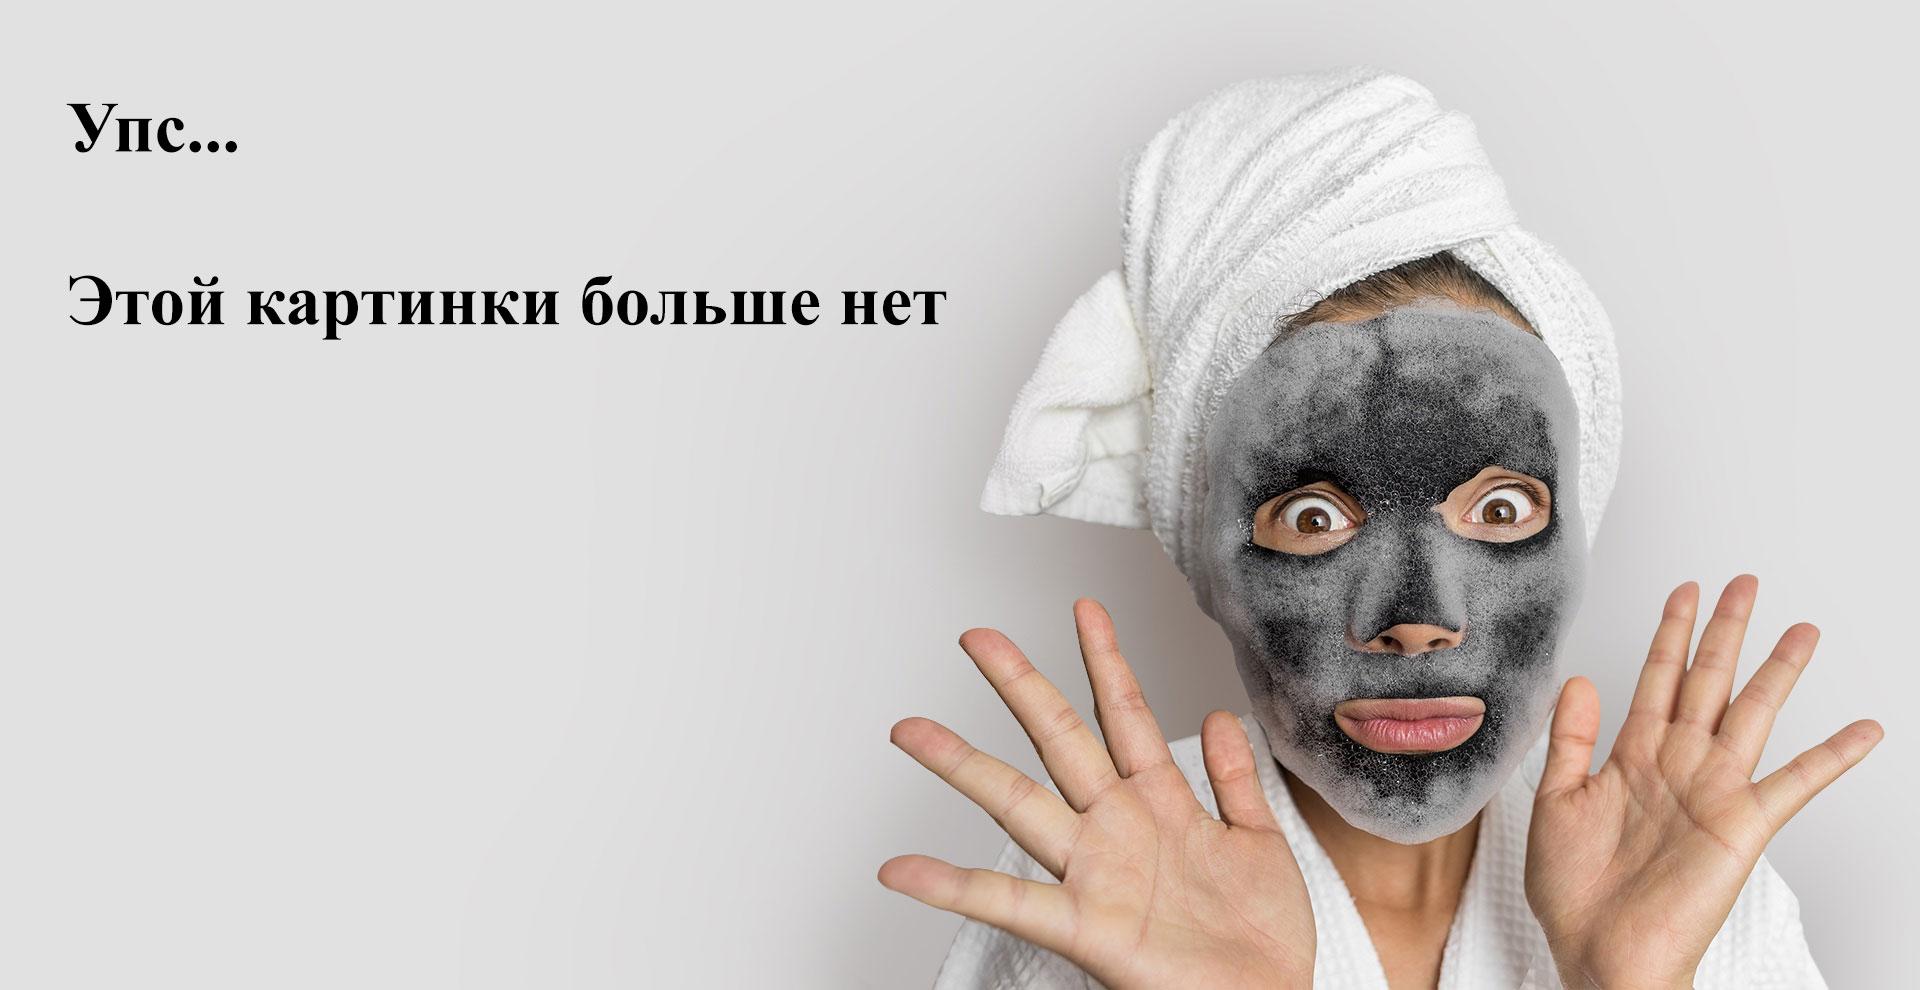 Domix, Соль для маникюра и педикюра, 500 г